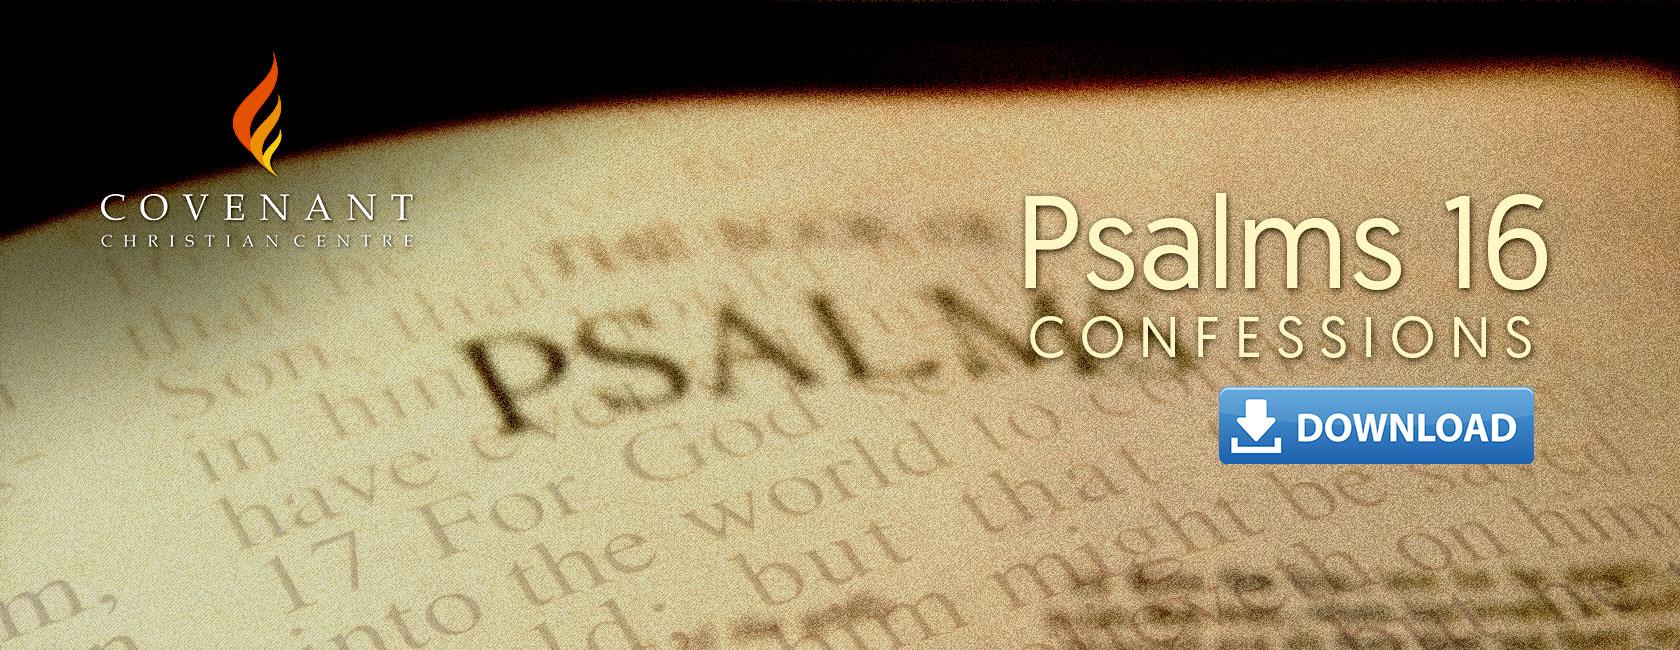 psalms-16-banner-1